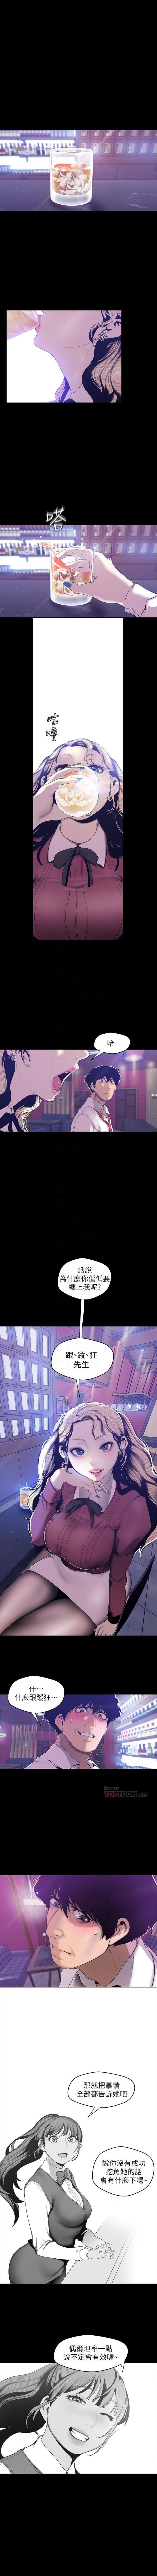 (週1)美麗新世界 1-76 中文翻譯 (更新中) 514